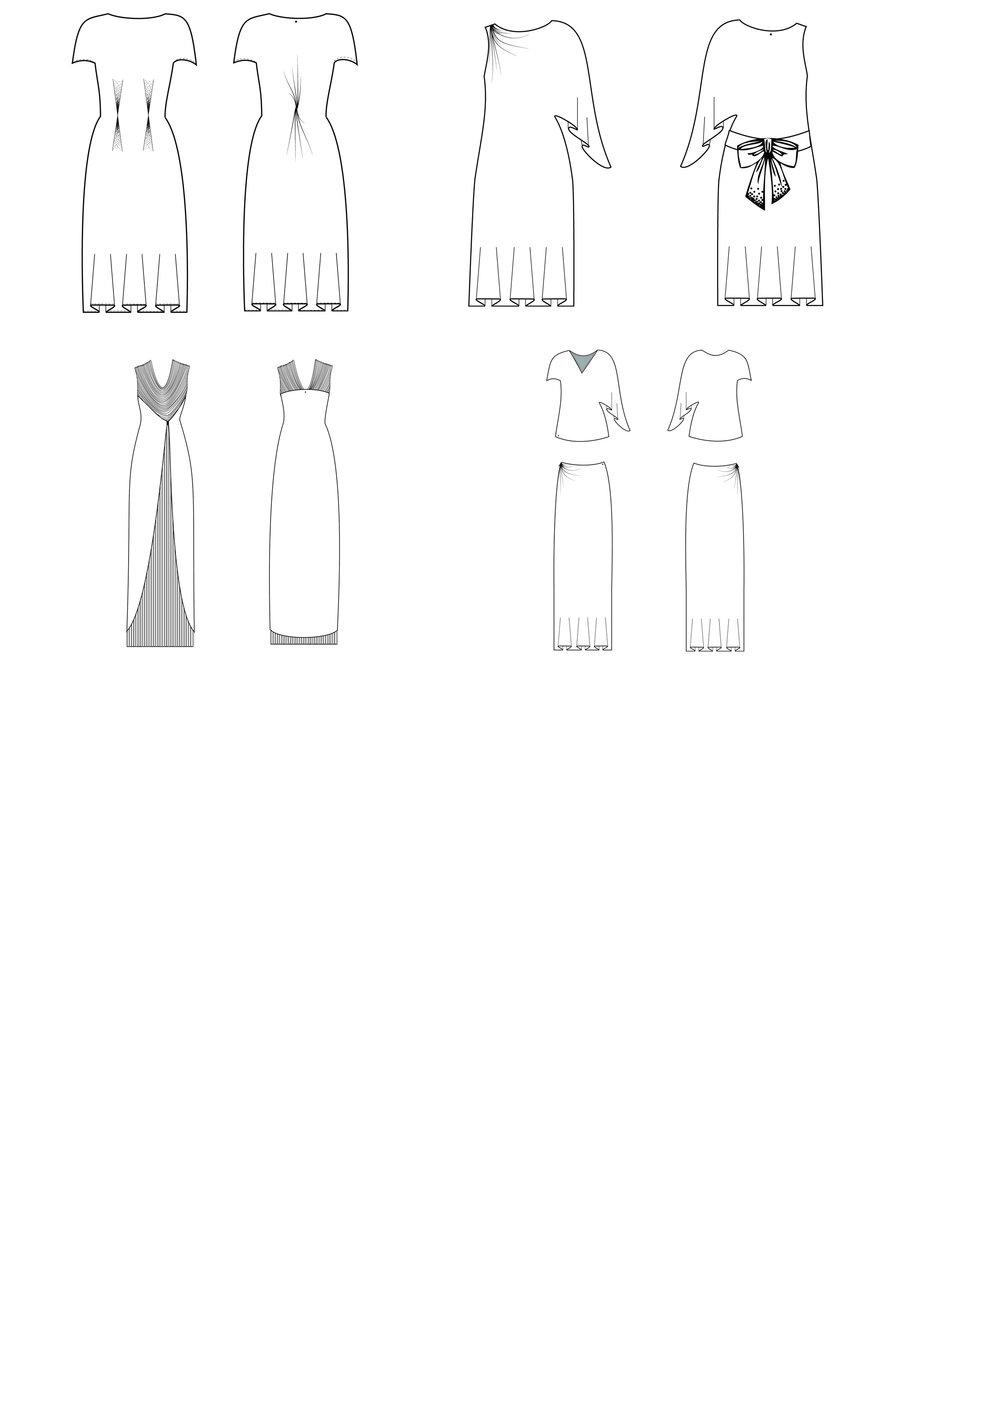 Desenhos Técnicos 3.jpg